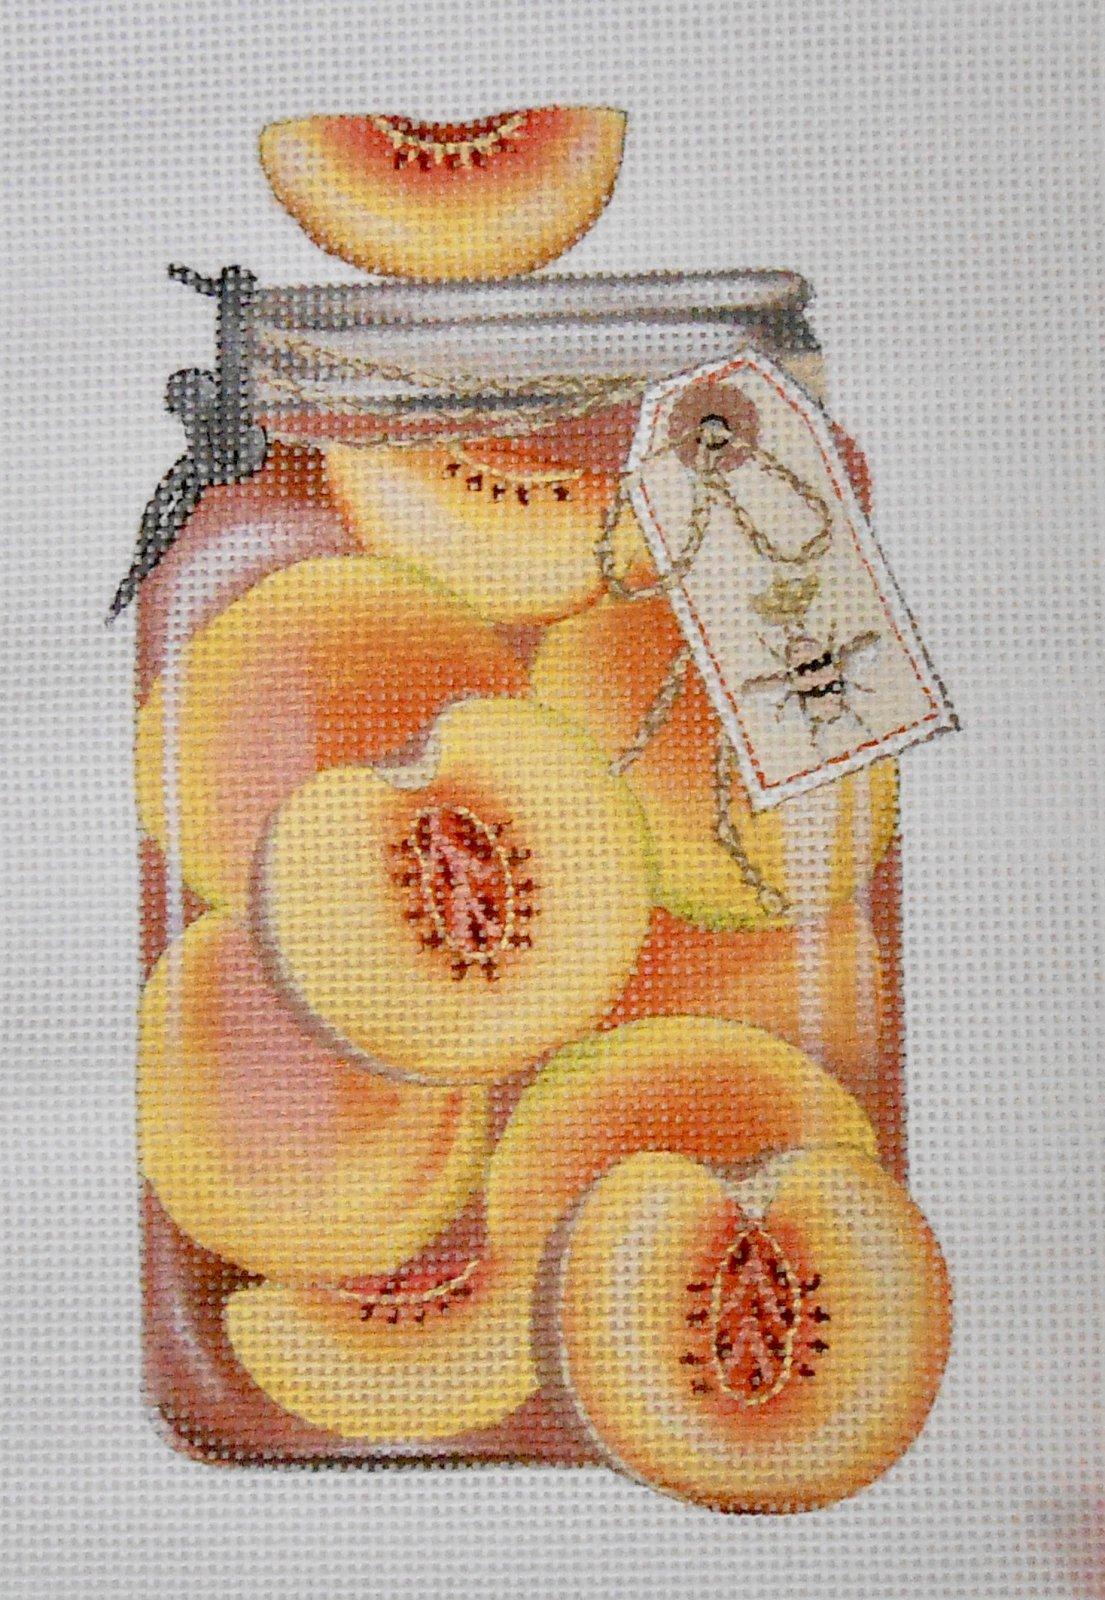 Mason Jar of Peaches